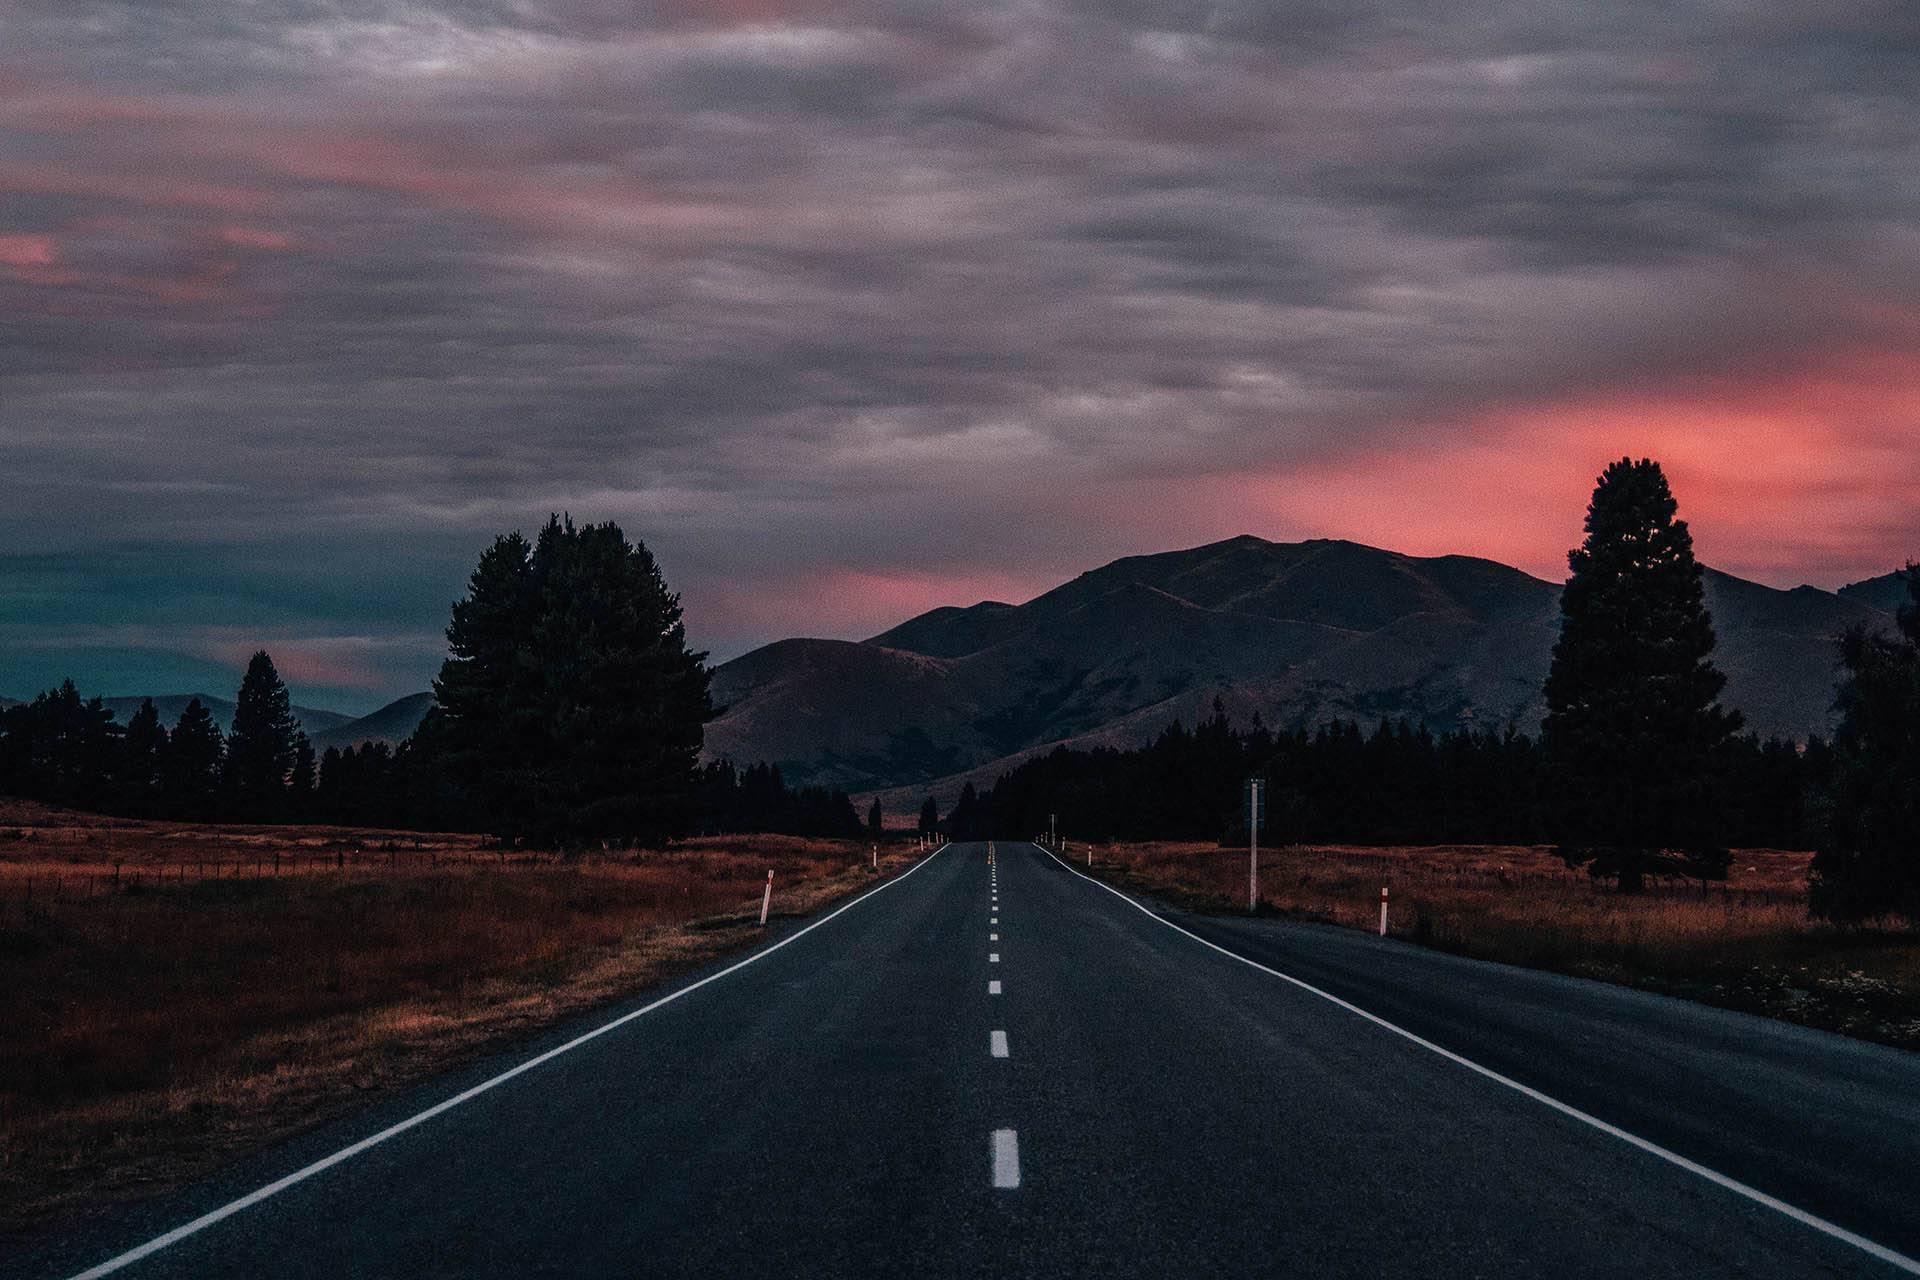 Erfahrungsbericht Work and Travel Neuseeland mit Elias von moreblue – Gastbeitrag